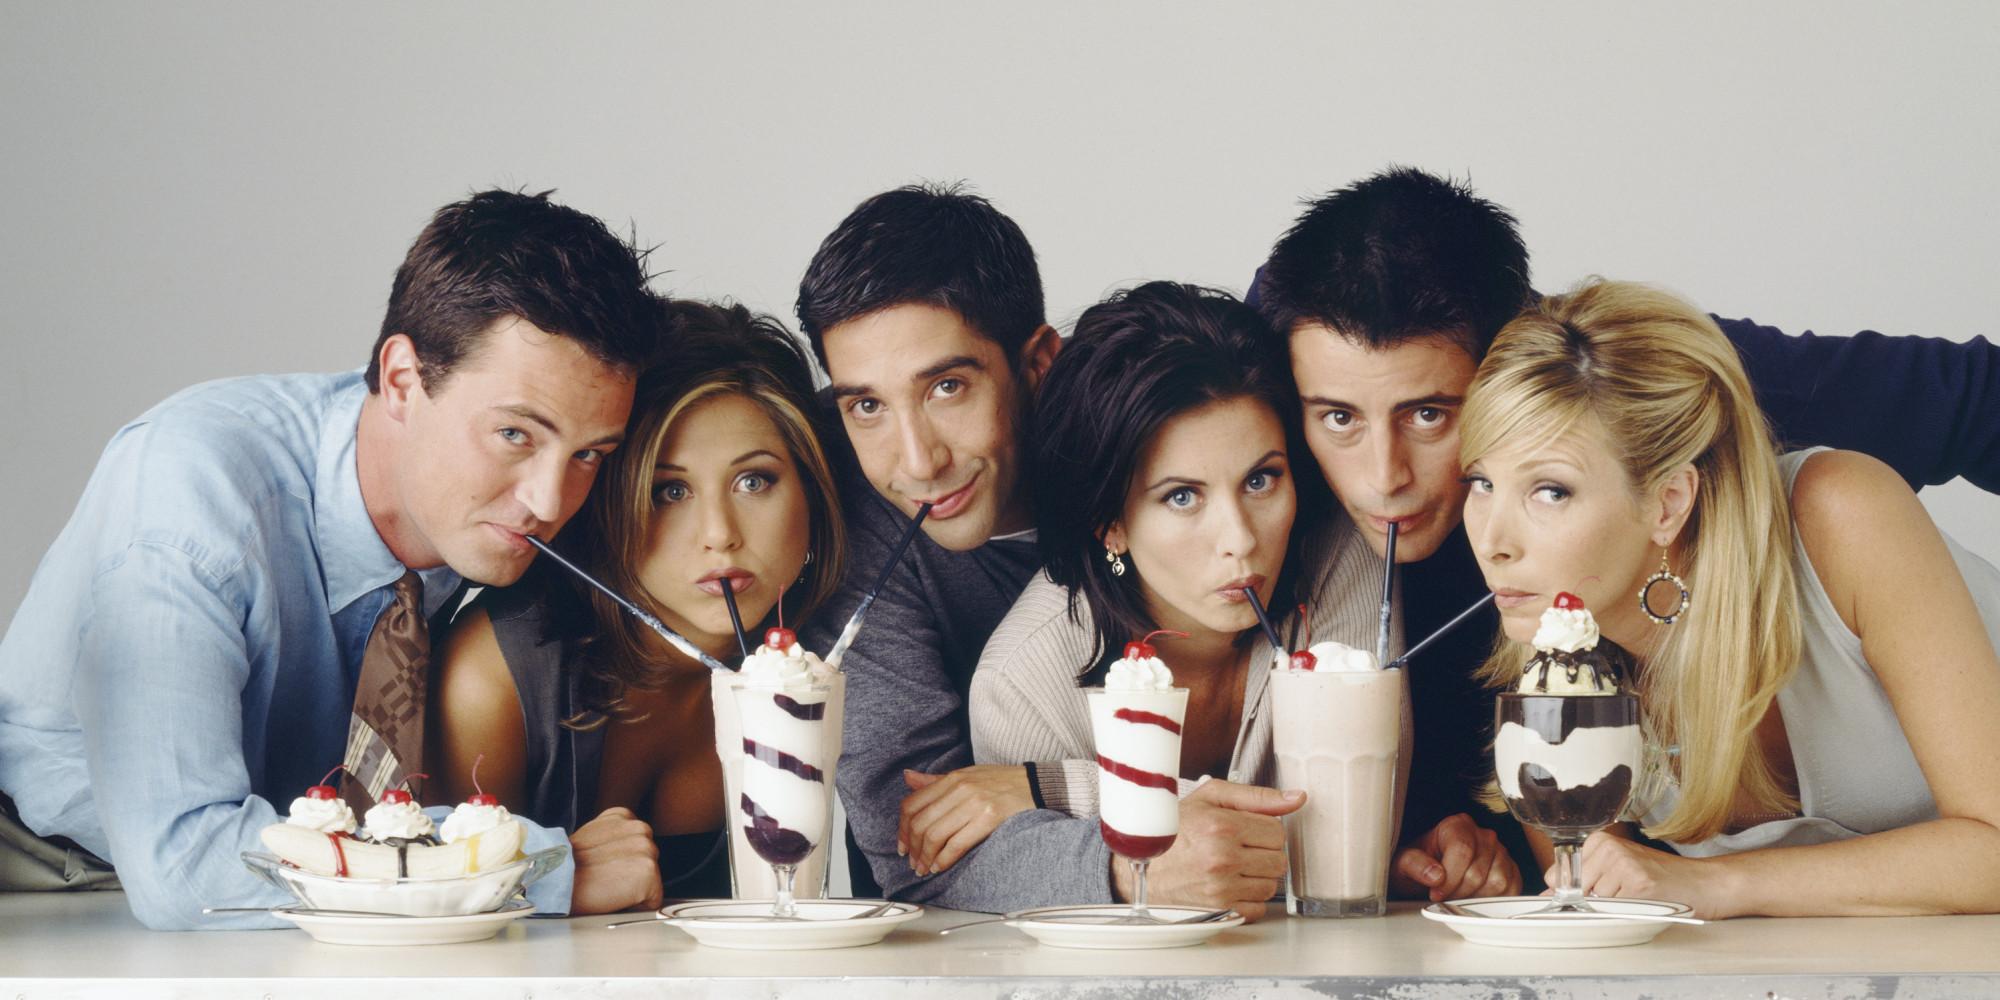 Matthew Perry, Jennifer Aniston, David Schwimmer, Courtney Cox, Matt LeBlanc and Lisa Kudrow